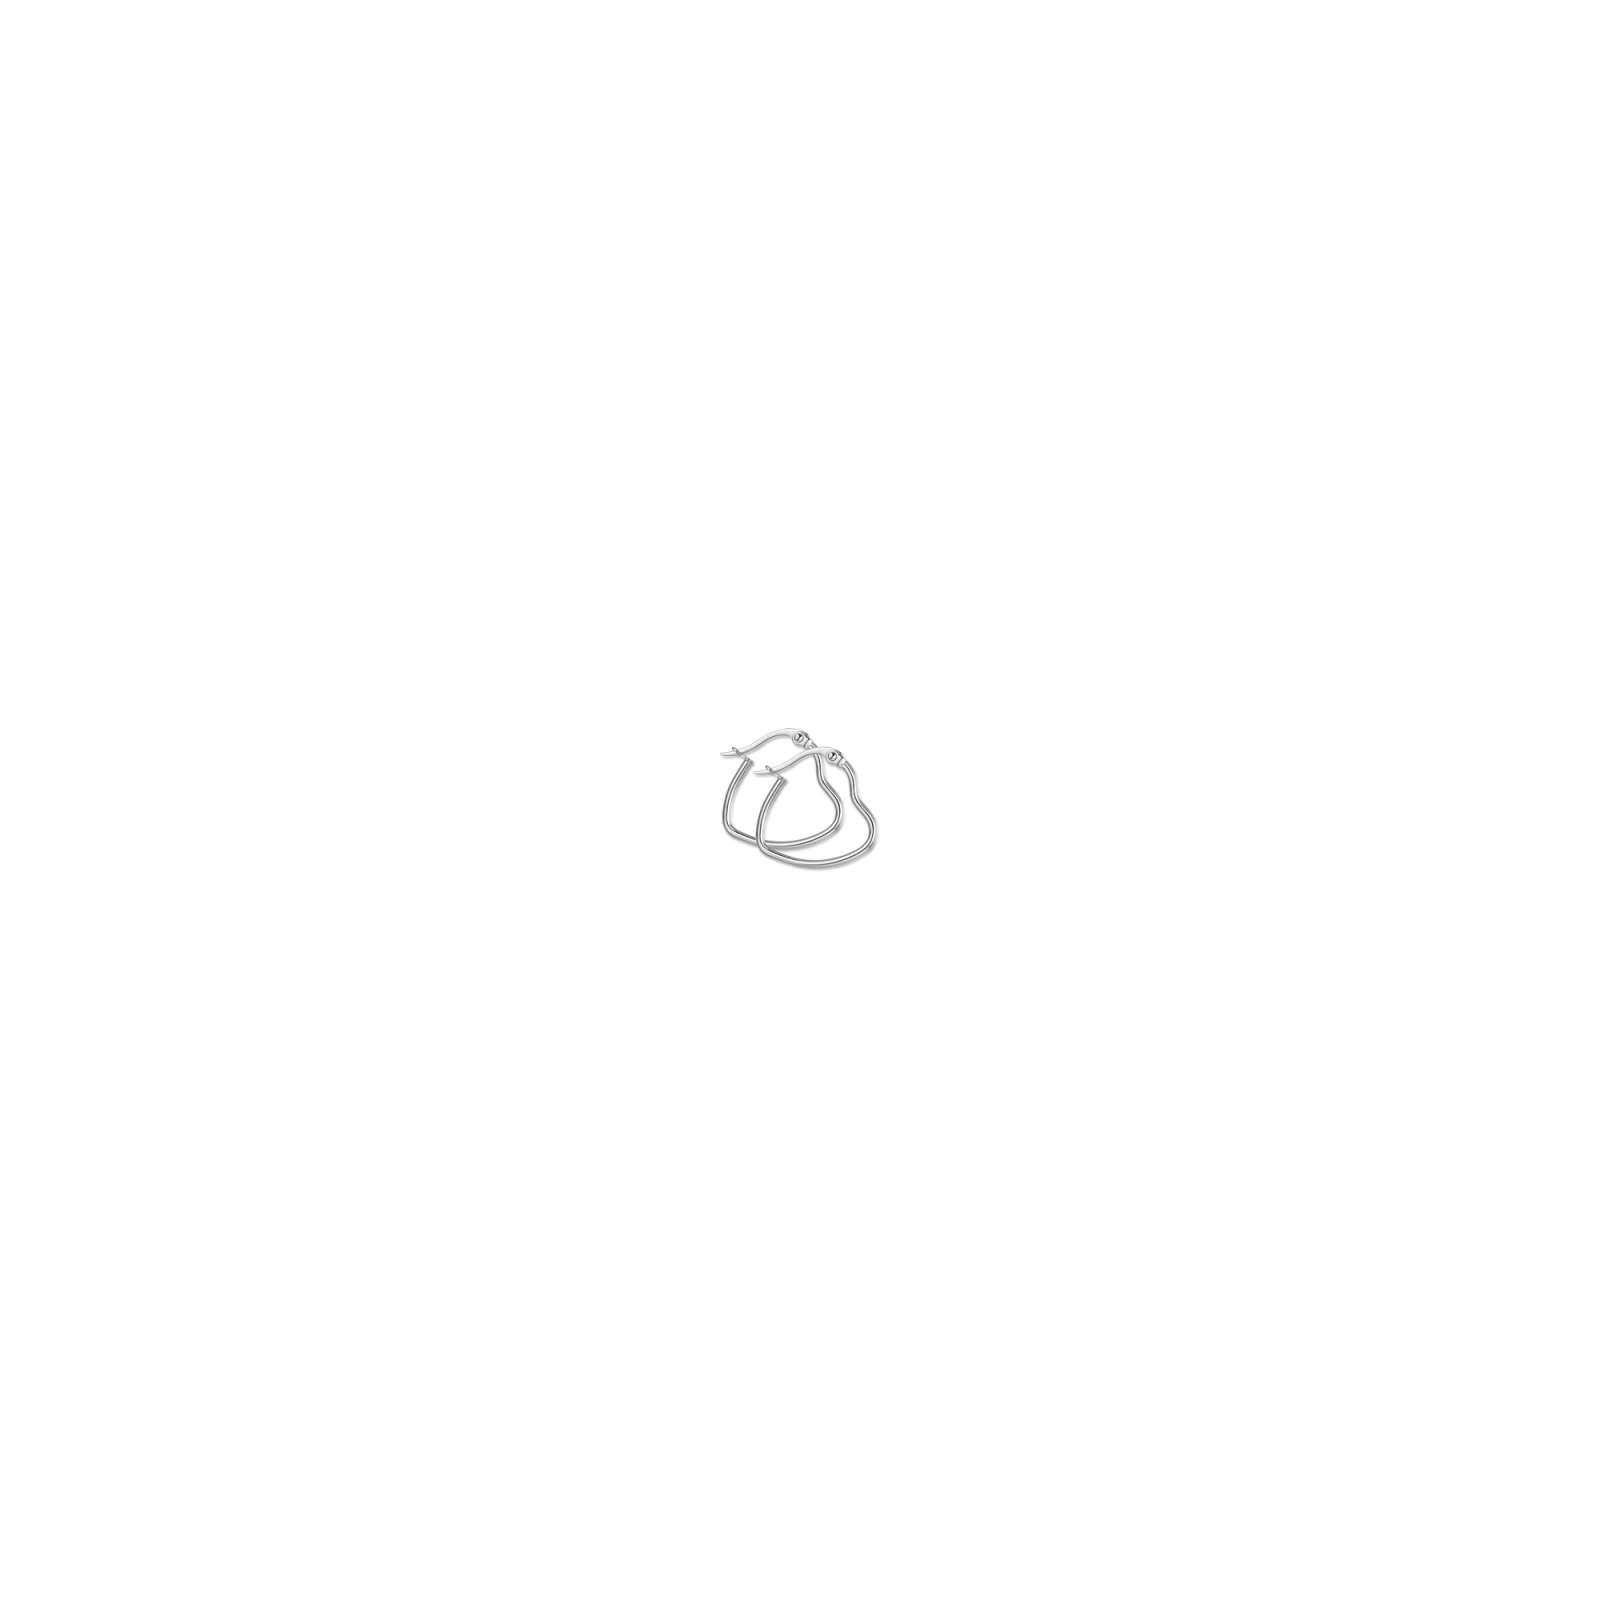 Luca Barra - Orecchini in acciaio a cuore diametro 45mm